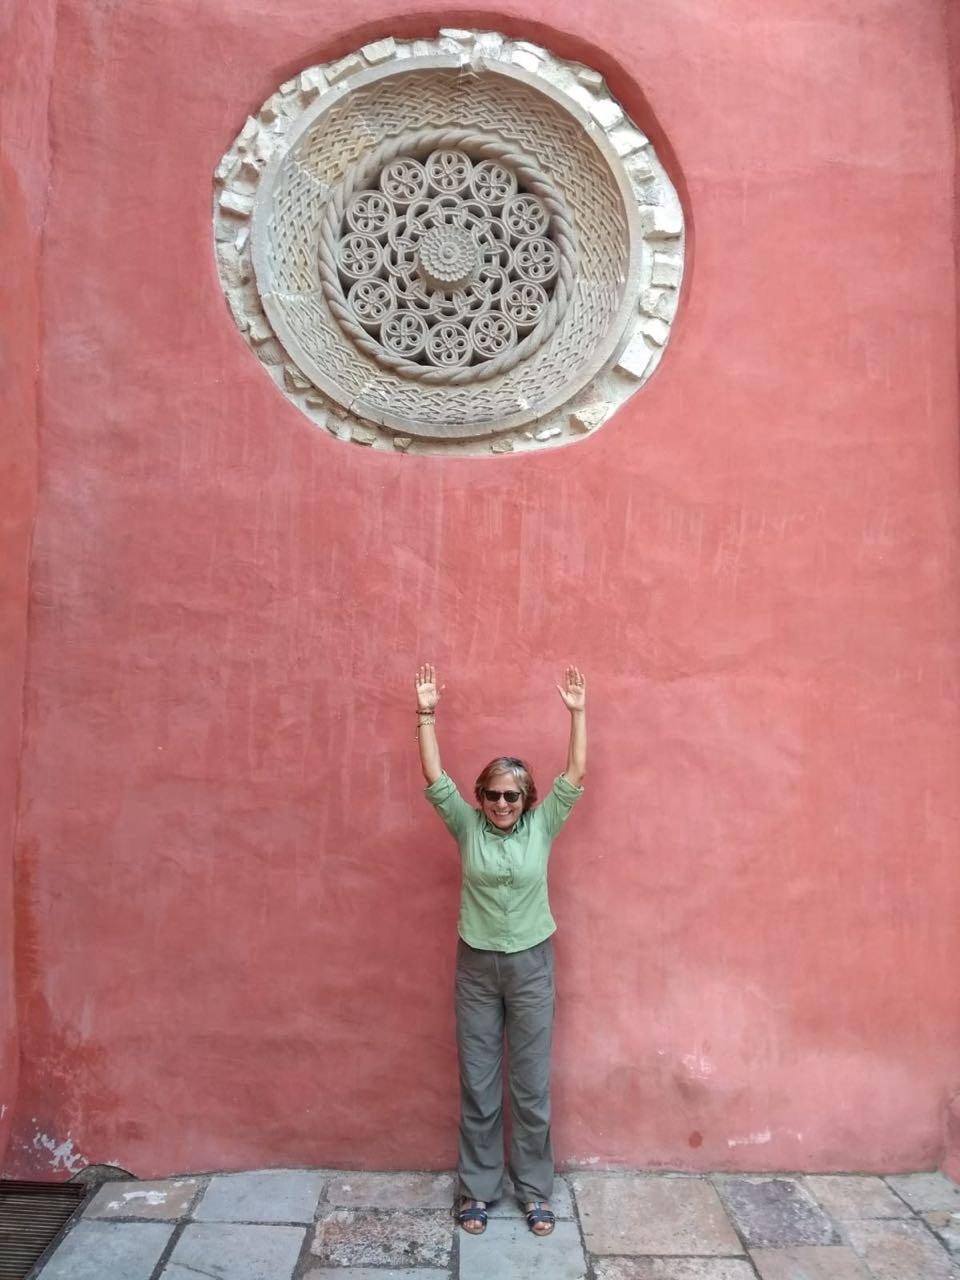 Bellazmira señalando la roseta de piedra muy bella y famosa del monasterio